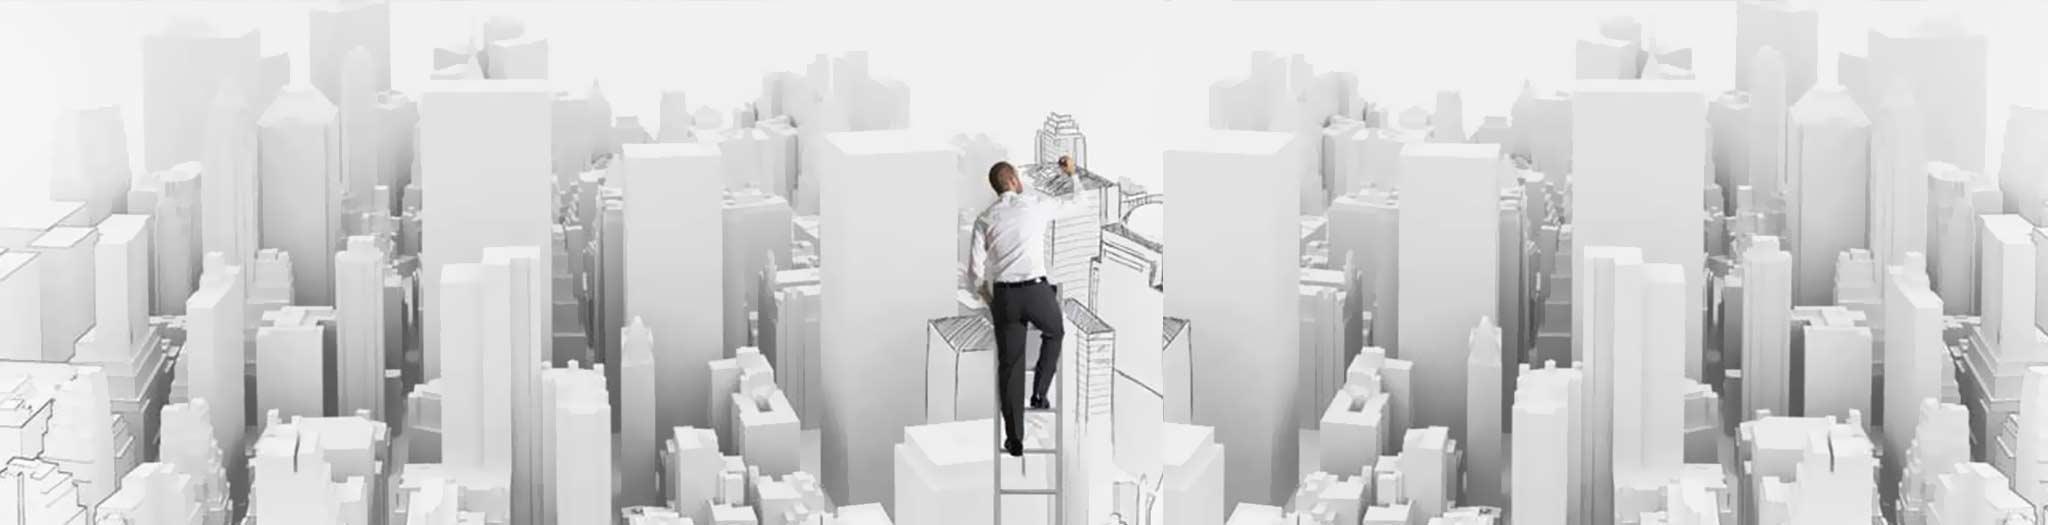 Iniziative e soluzioni immobiliari